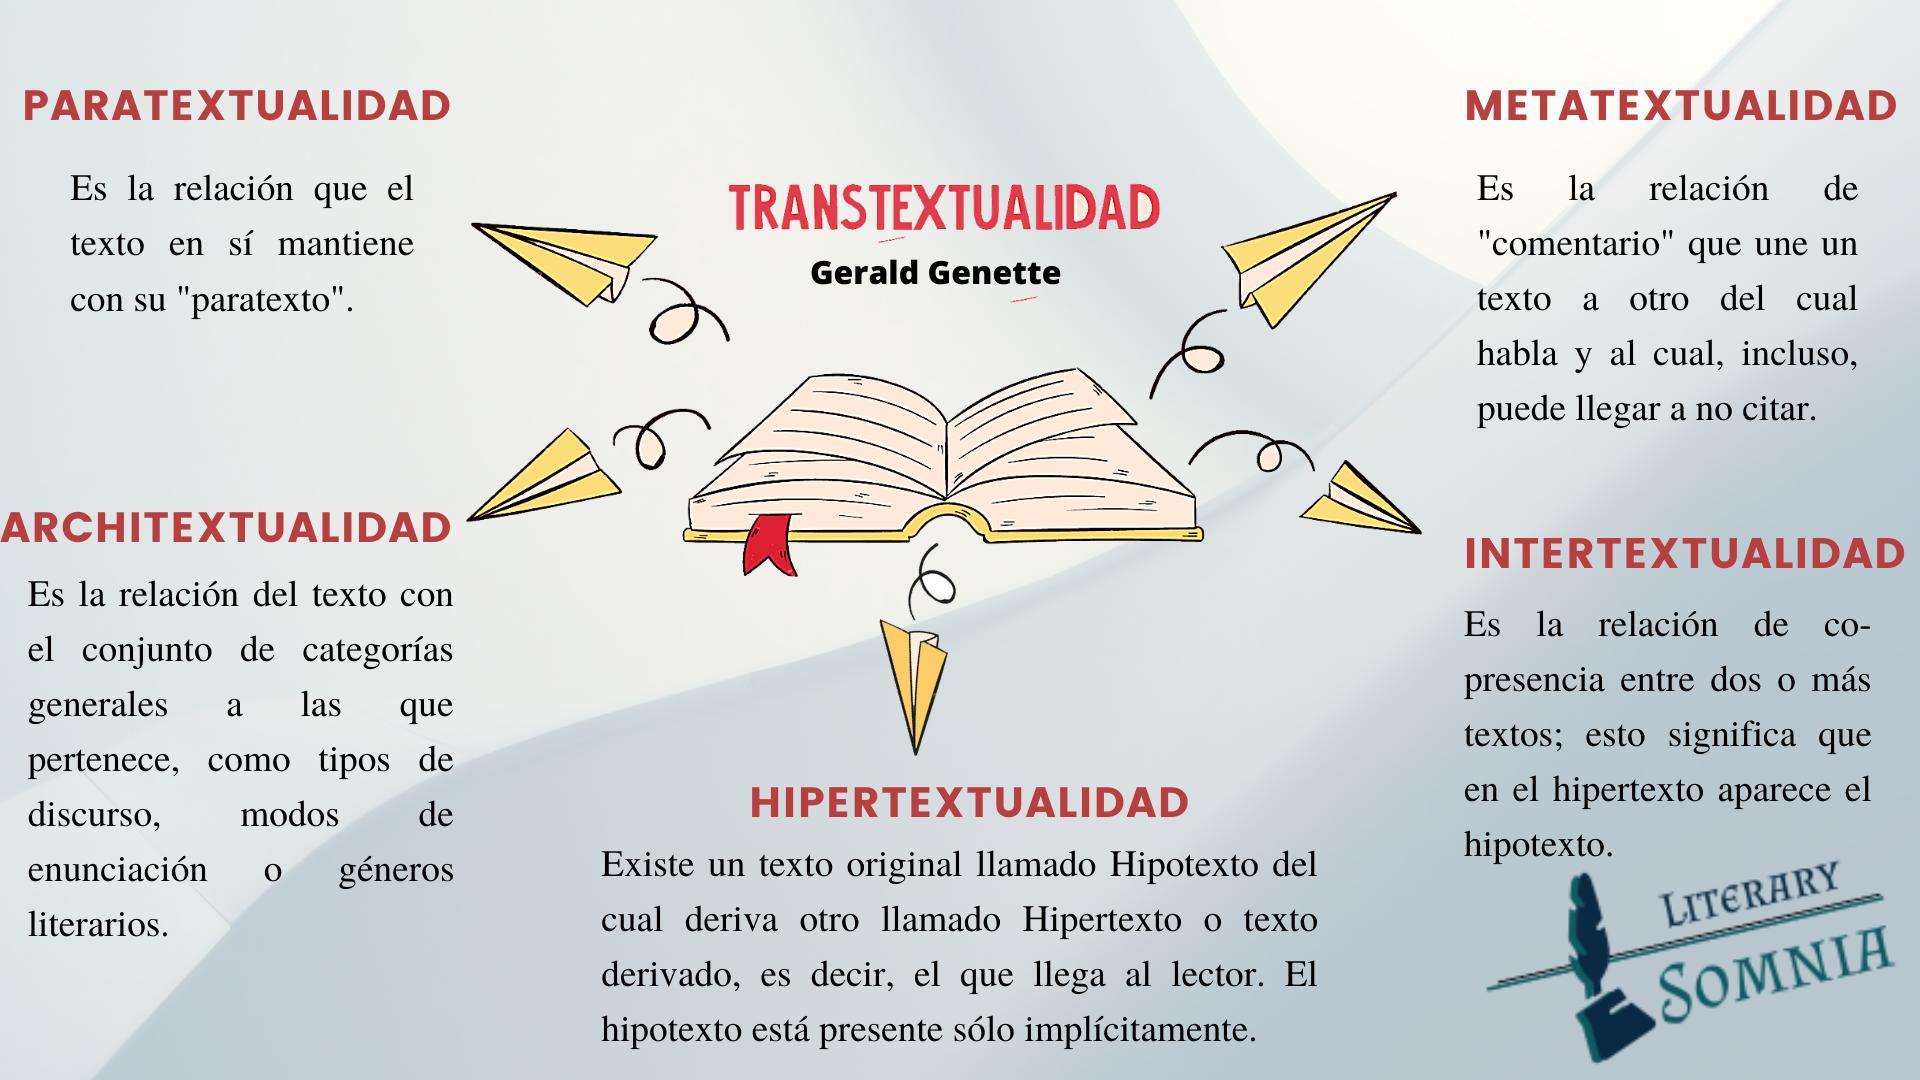 Infografía de transtextualidad Genette